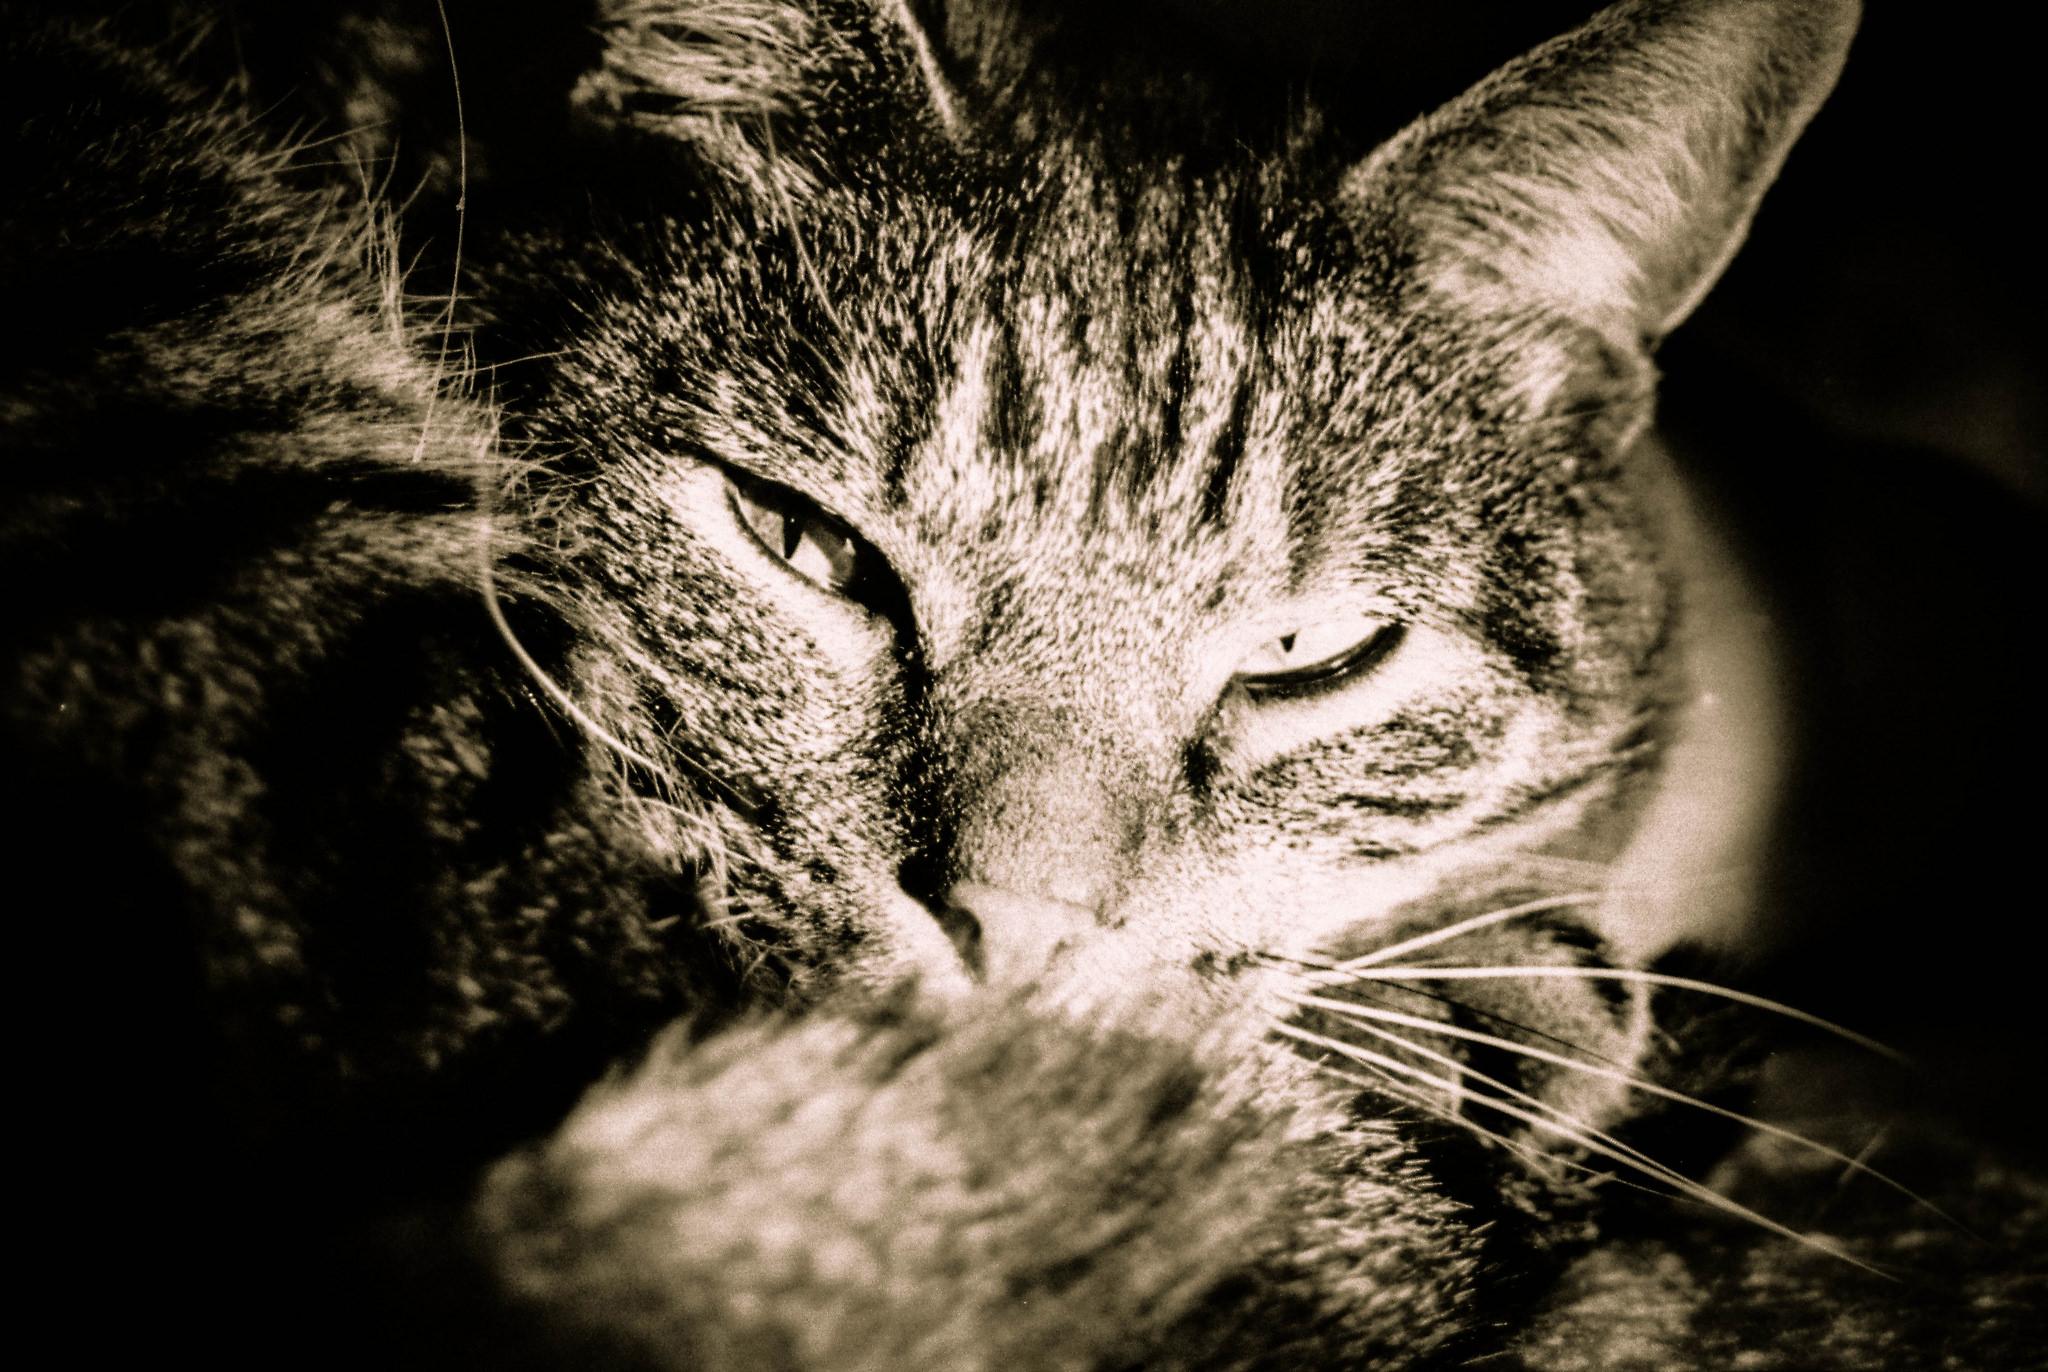 Festa del gatto: giro d'affari di oltre 2 miliardi di euro